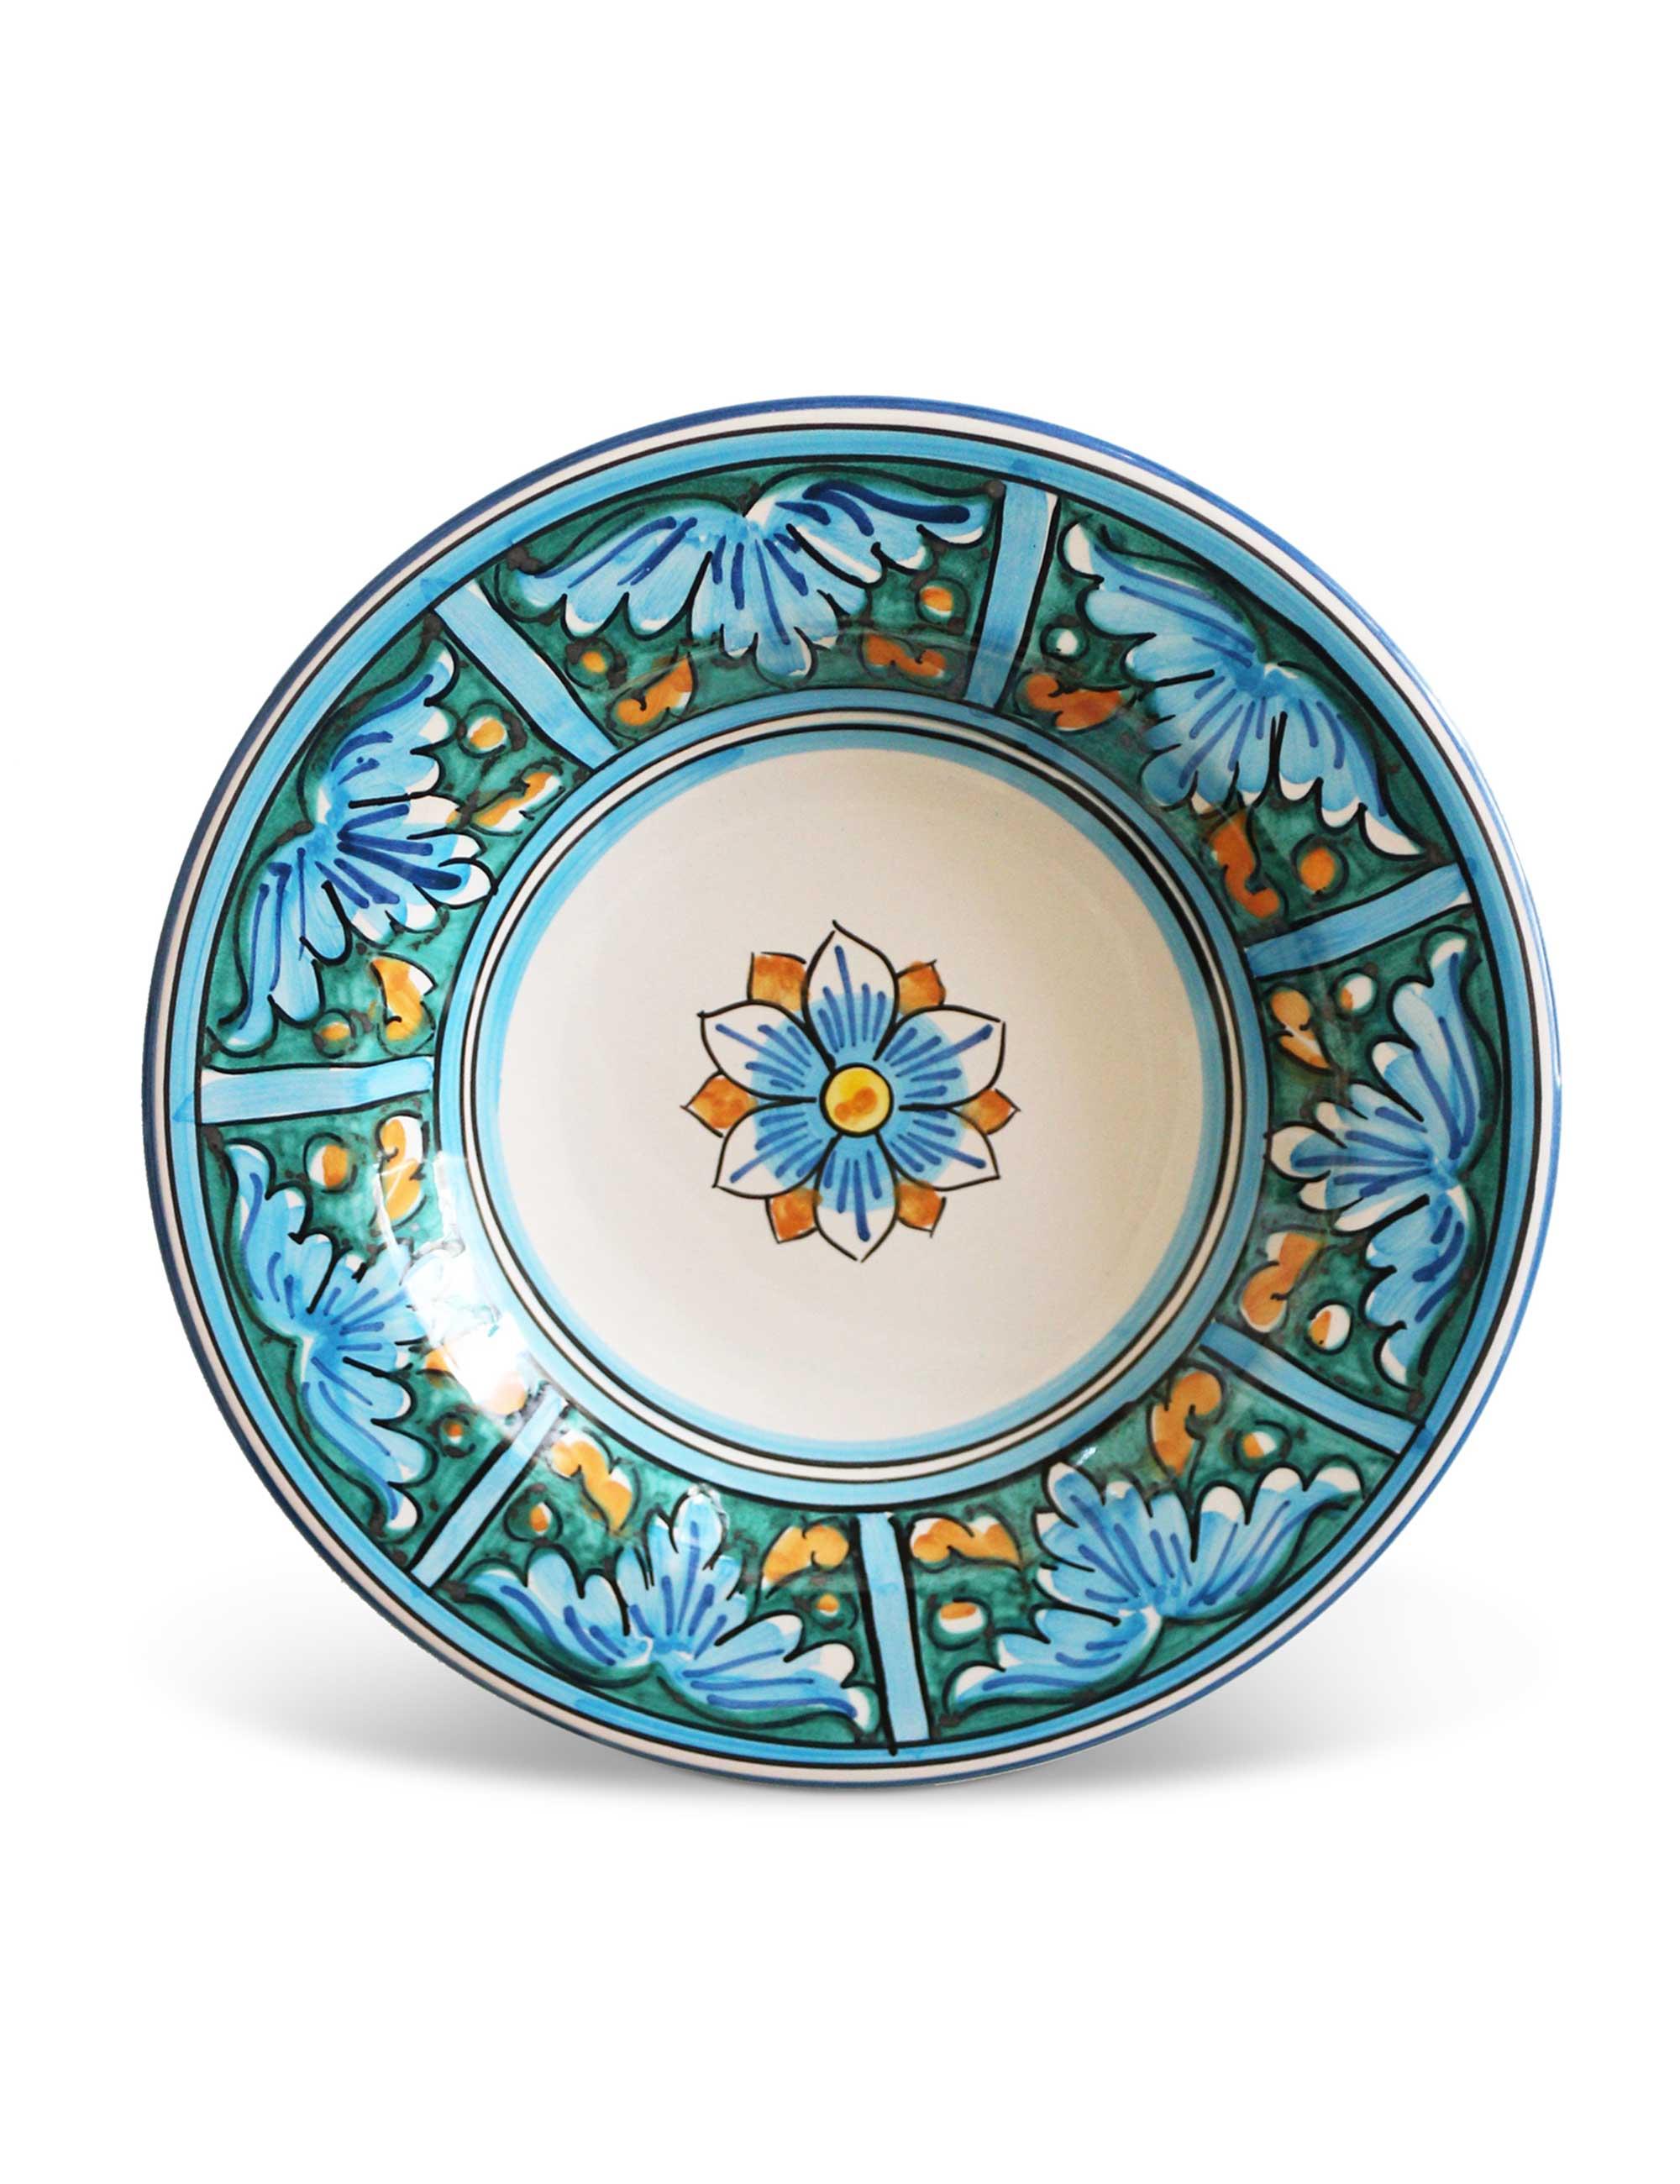 piatti ceramica siciliana fondi decorati